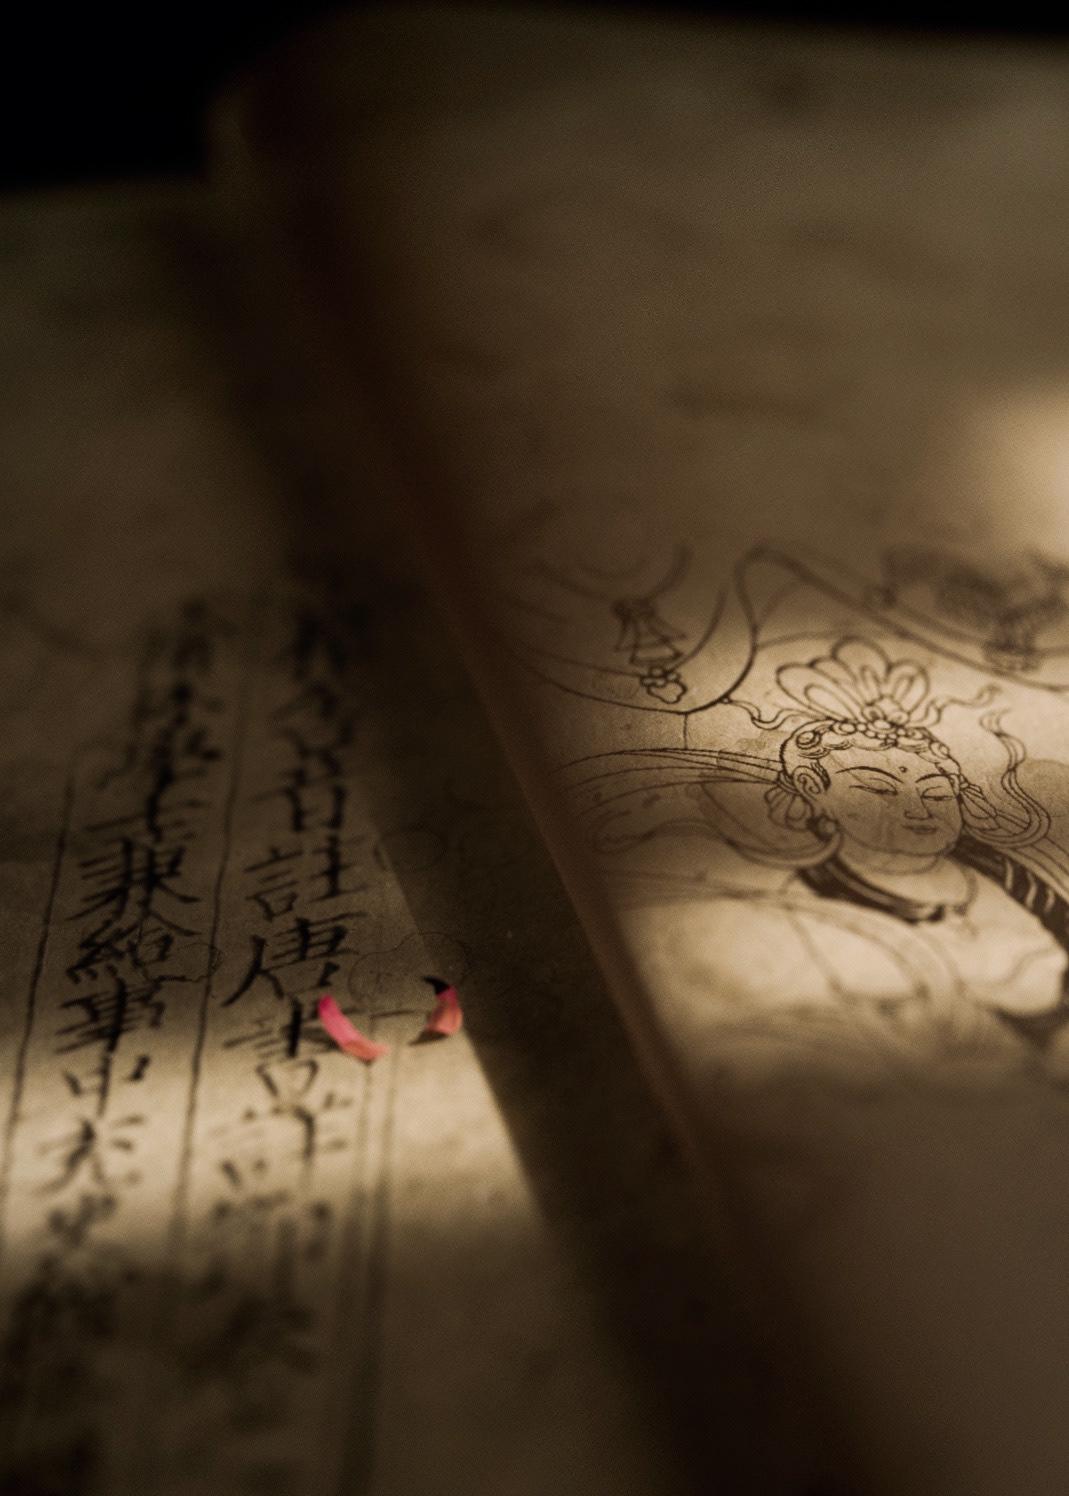 Image may contain: handwriting and drawing